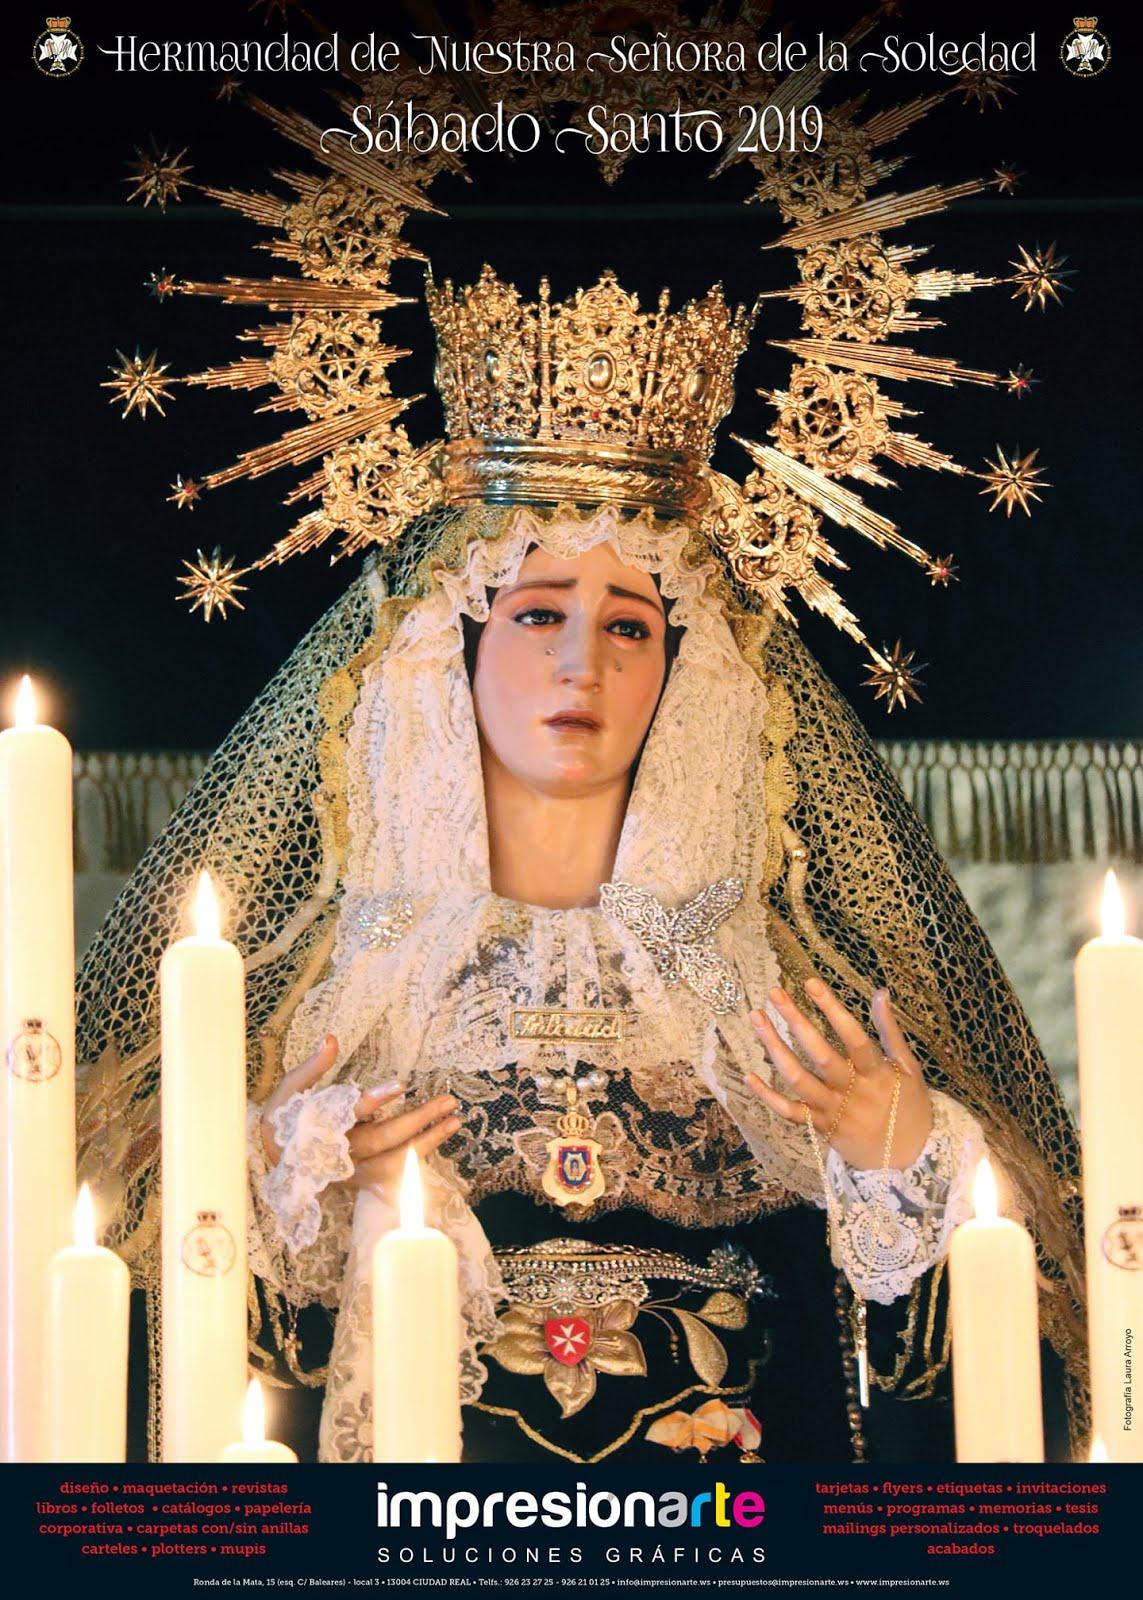 Cartel de la Hermandad de Nuestra Señora de la Soledad 2019